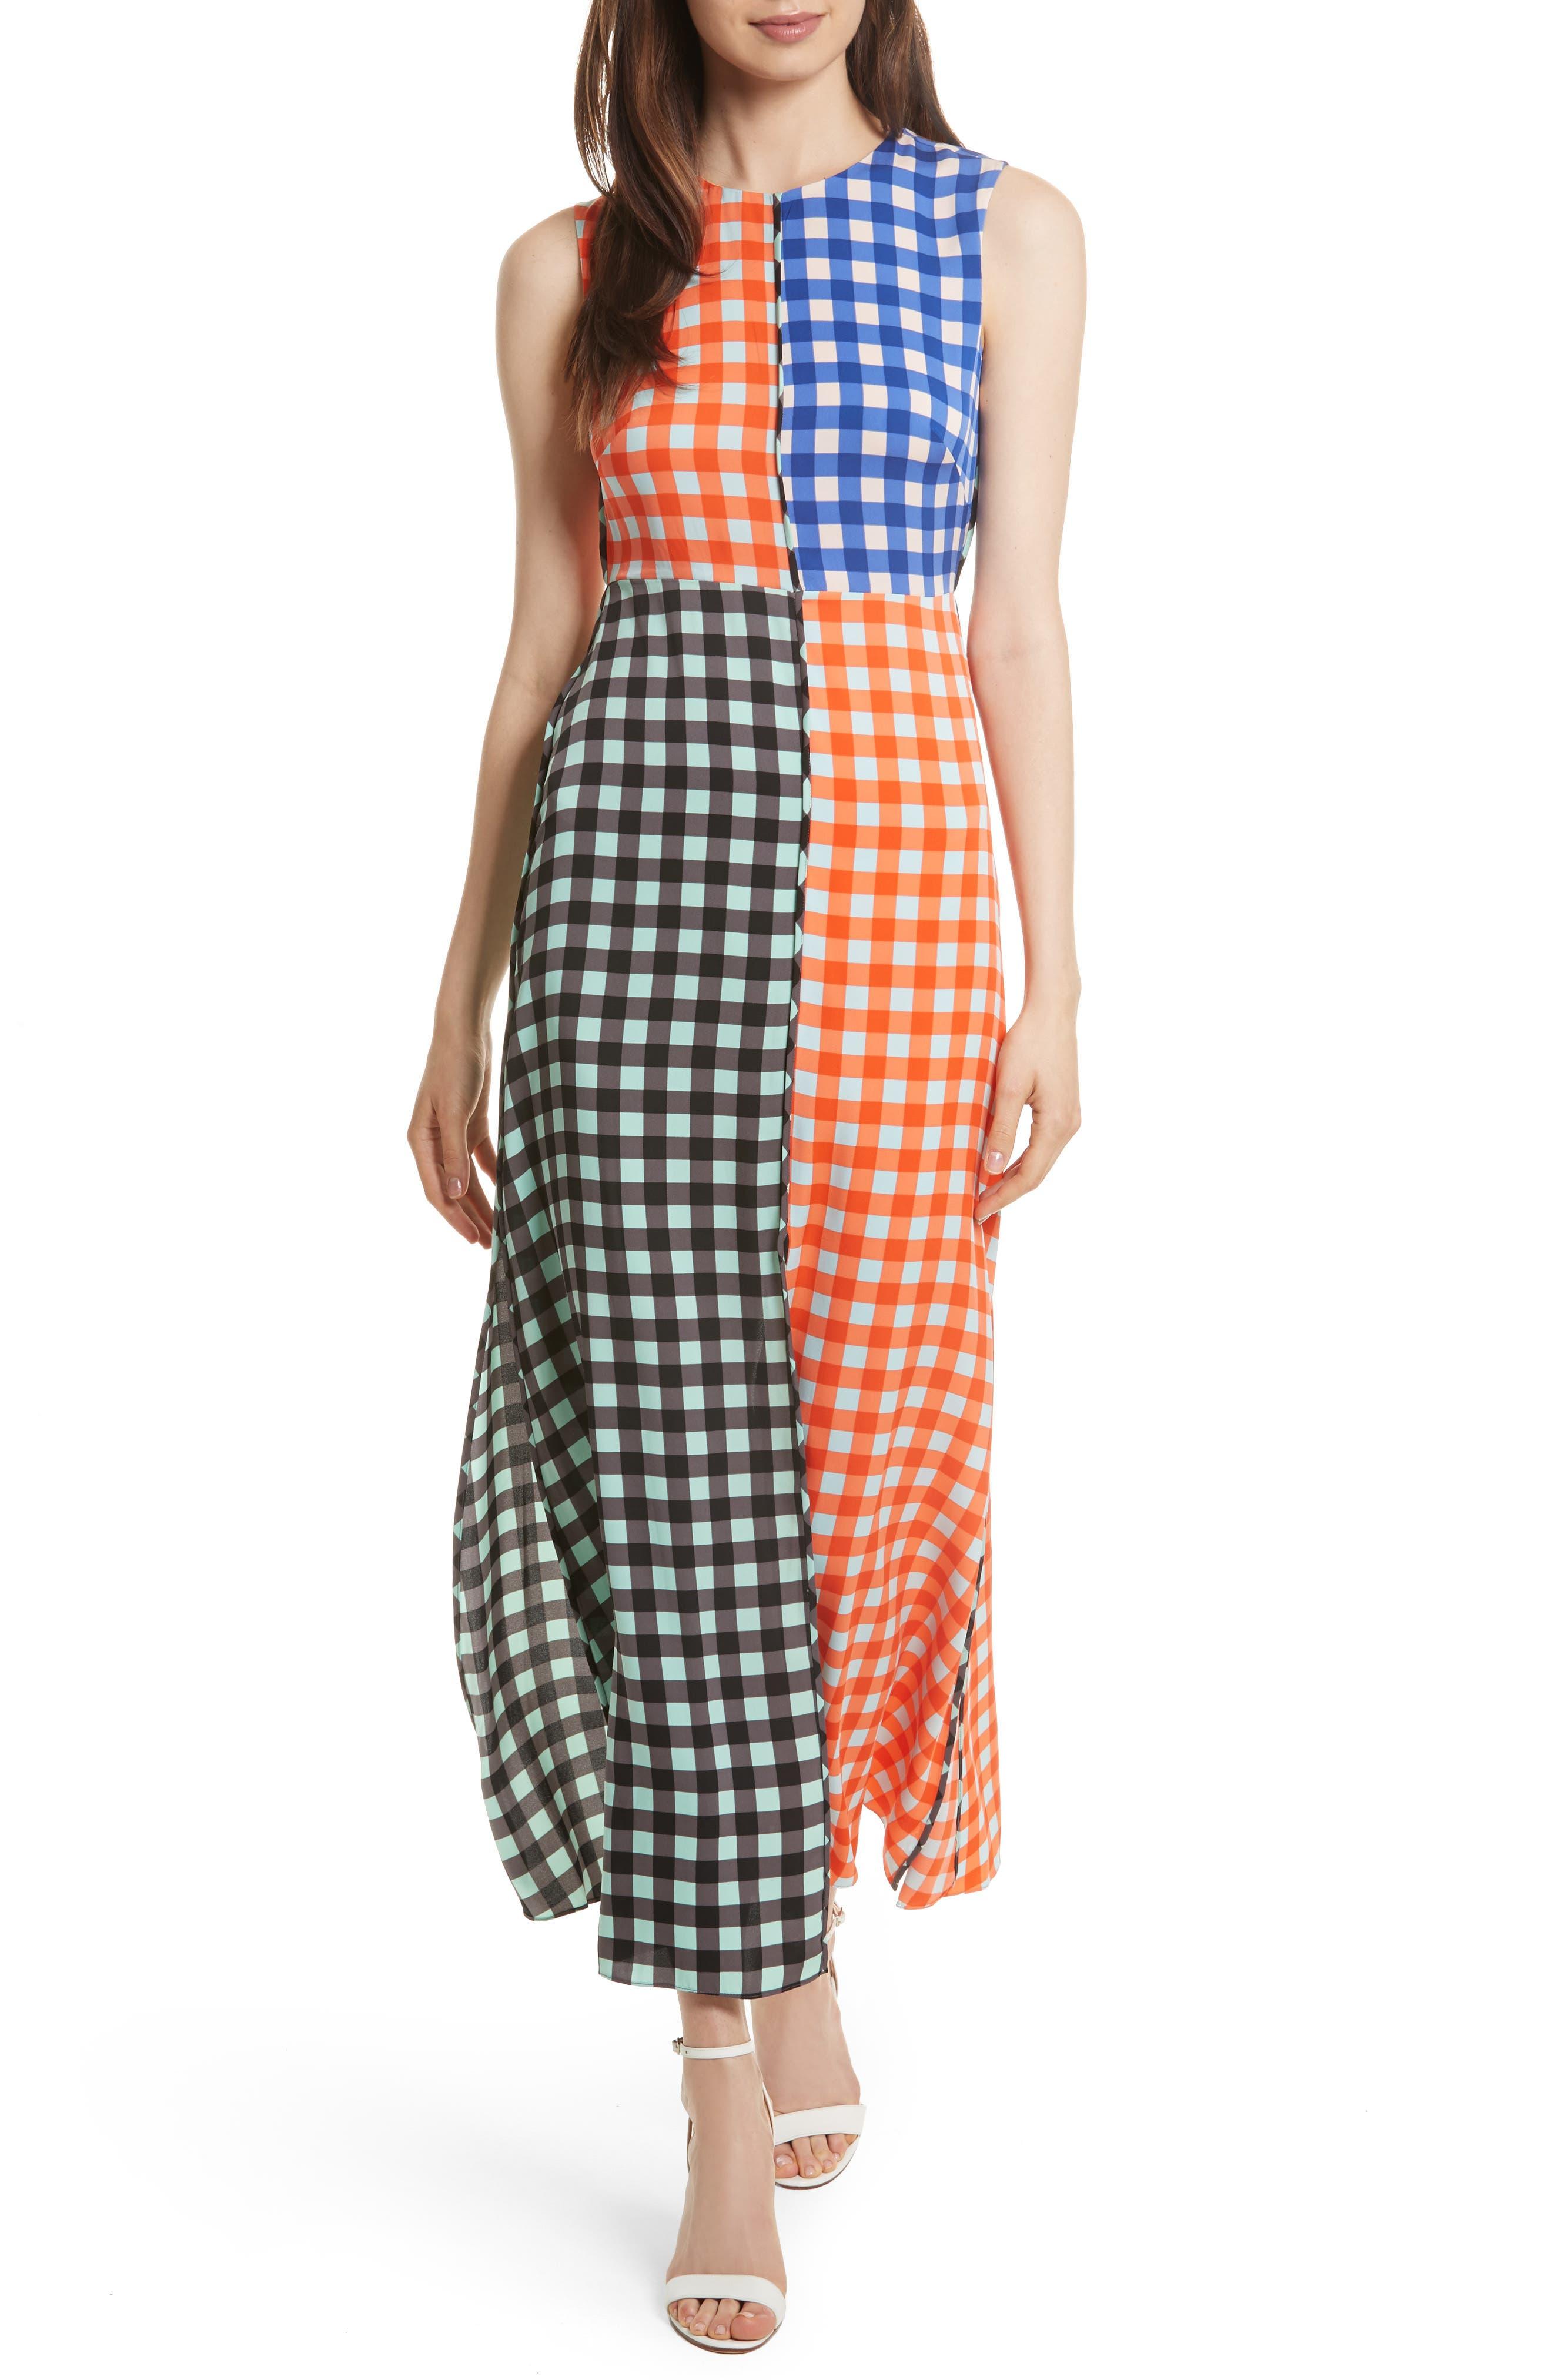 DIANE VON FURSTENBERG Print Block Stretch Silk Maxi Dress